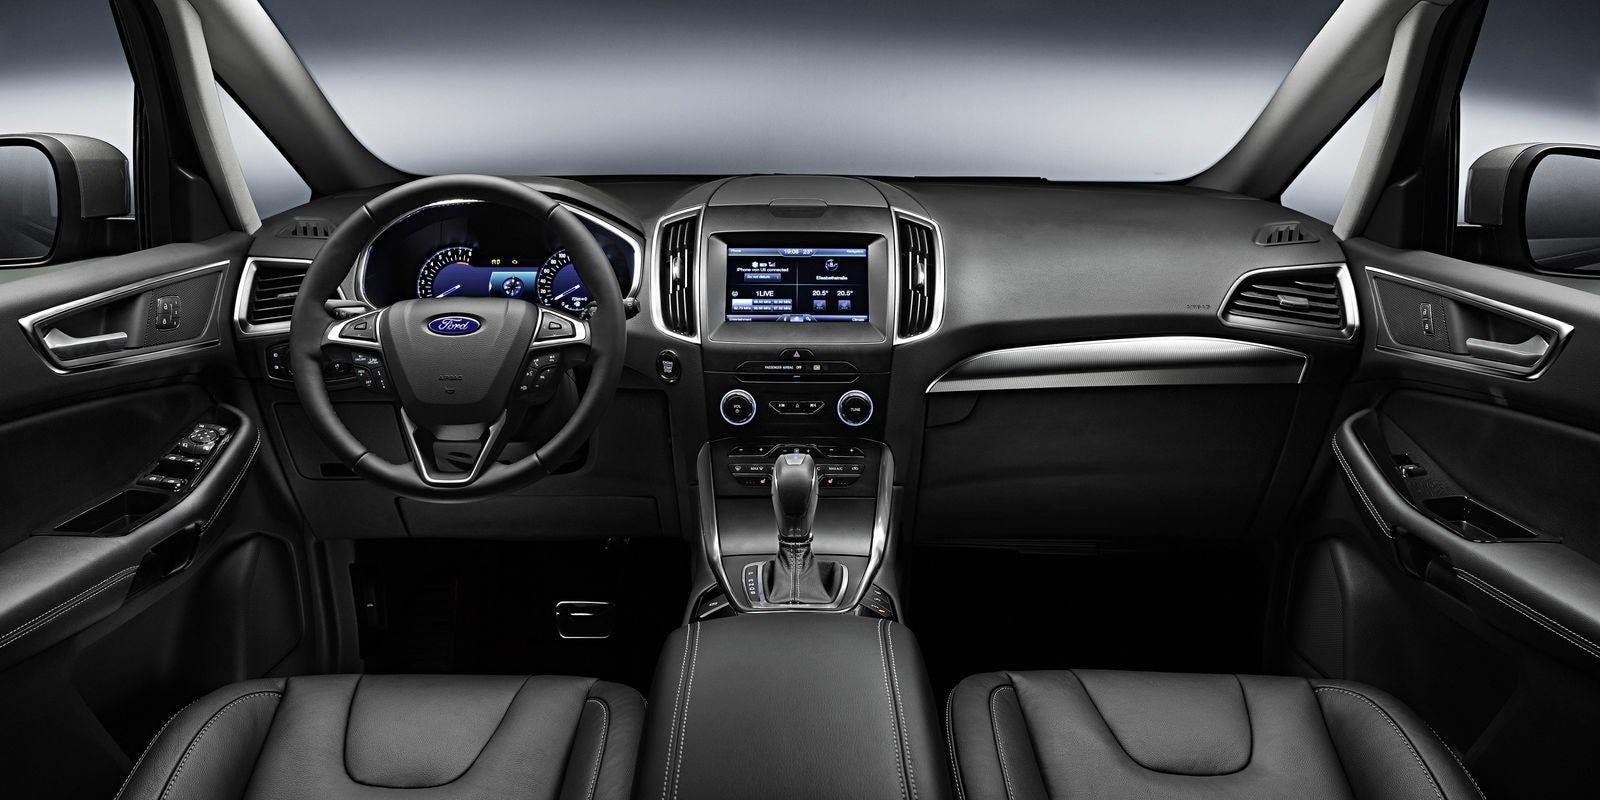 Compare Car Interior Dimensions Uk